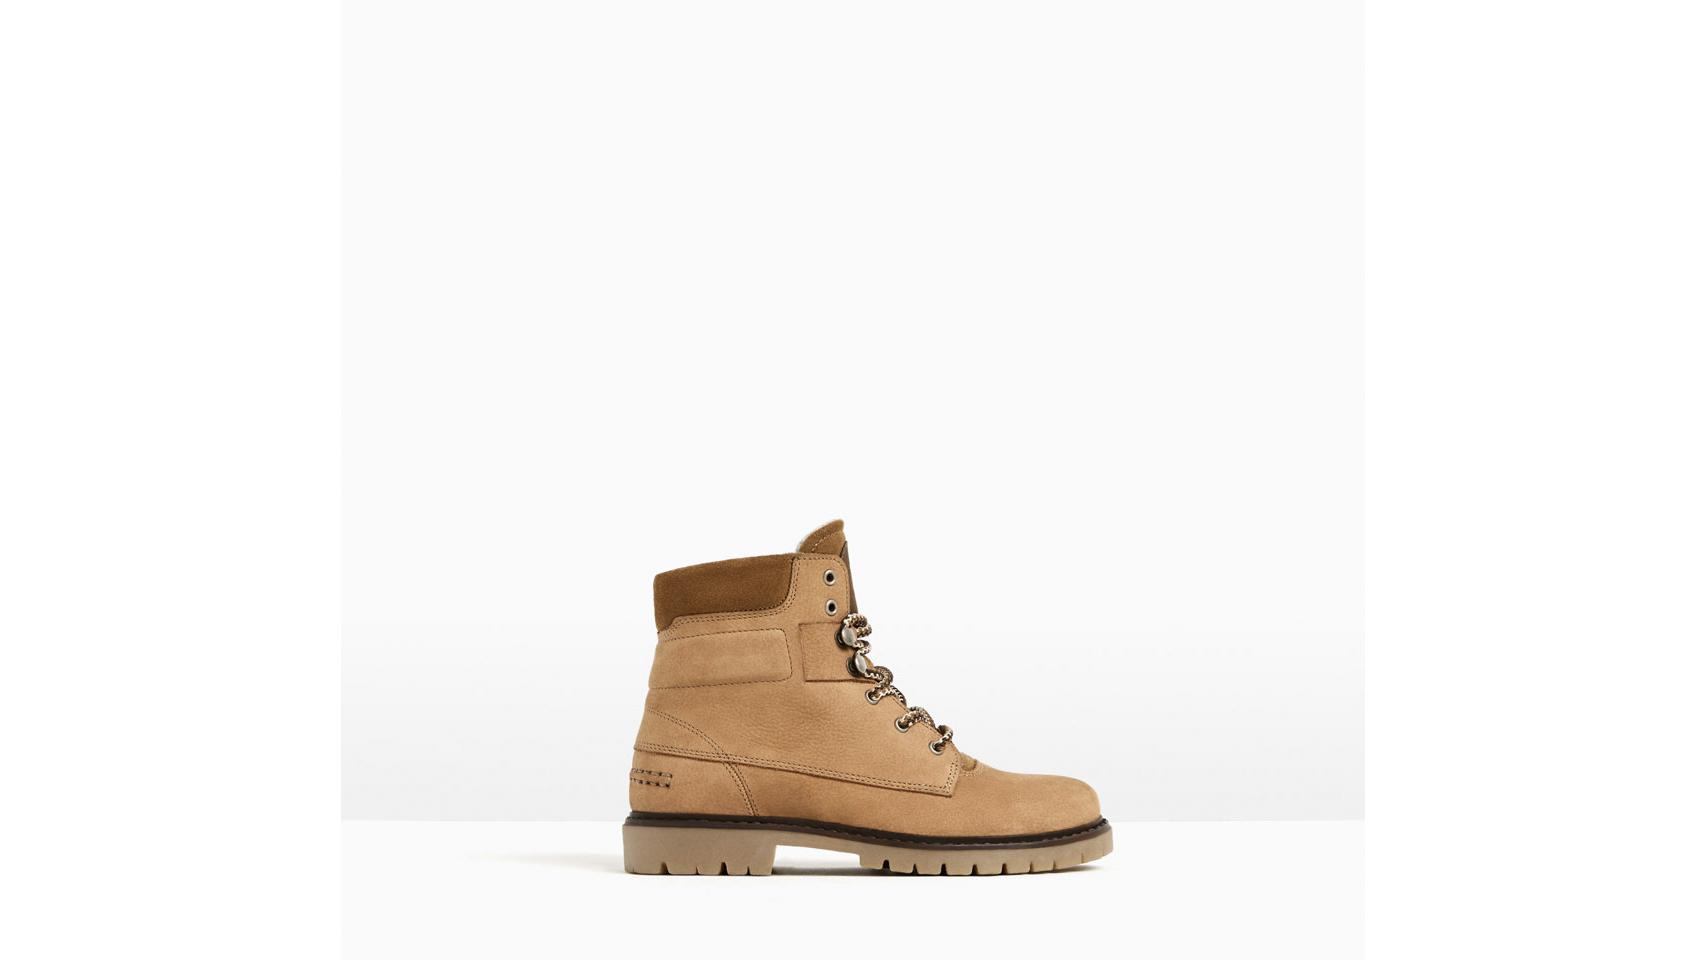 Botas para chico de la marca Zara, 39,95 euros.